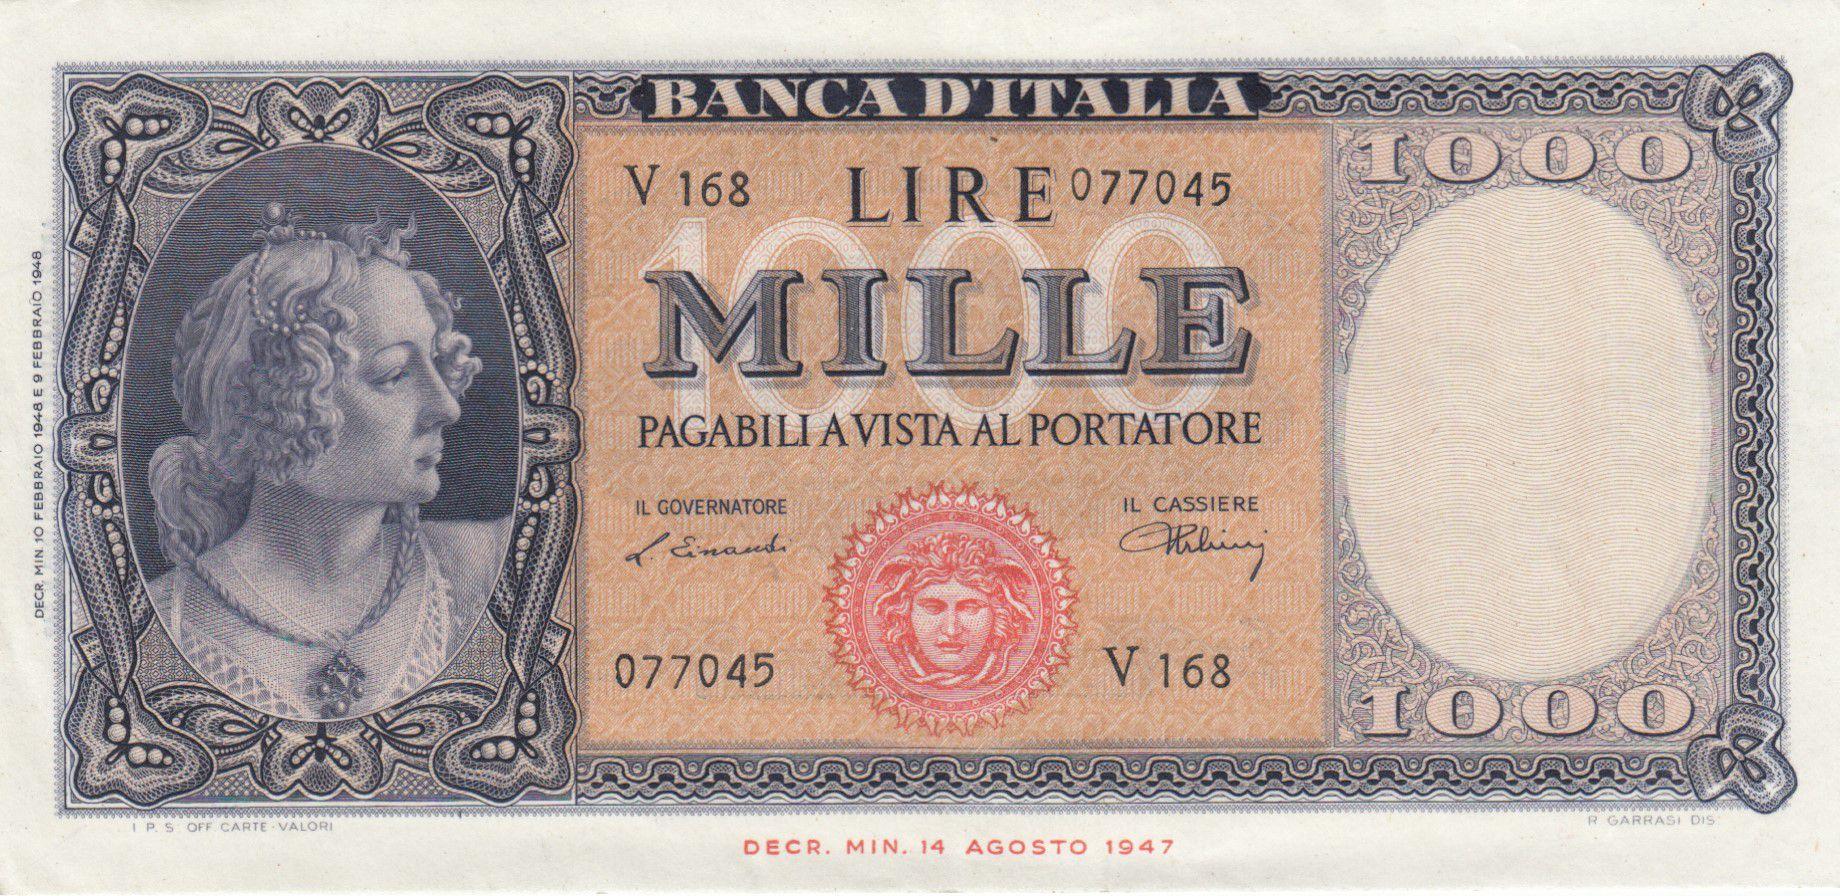 Italie 1000 Lires Italia - 1948 - SUP - Série V 168 - P.88a